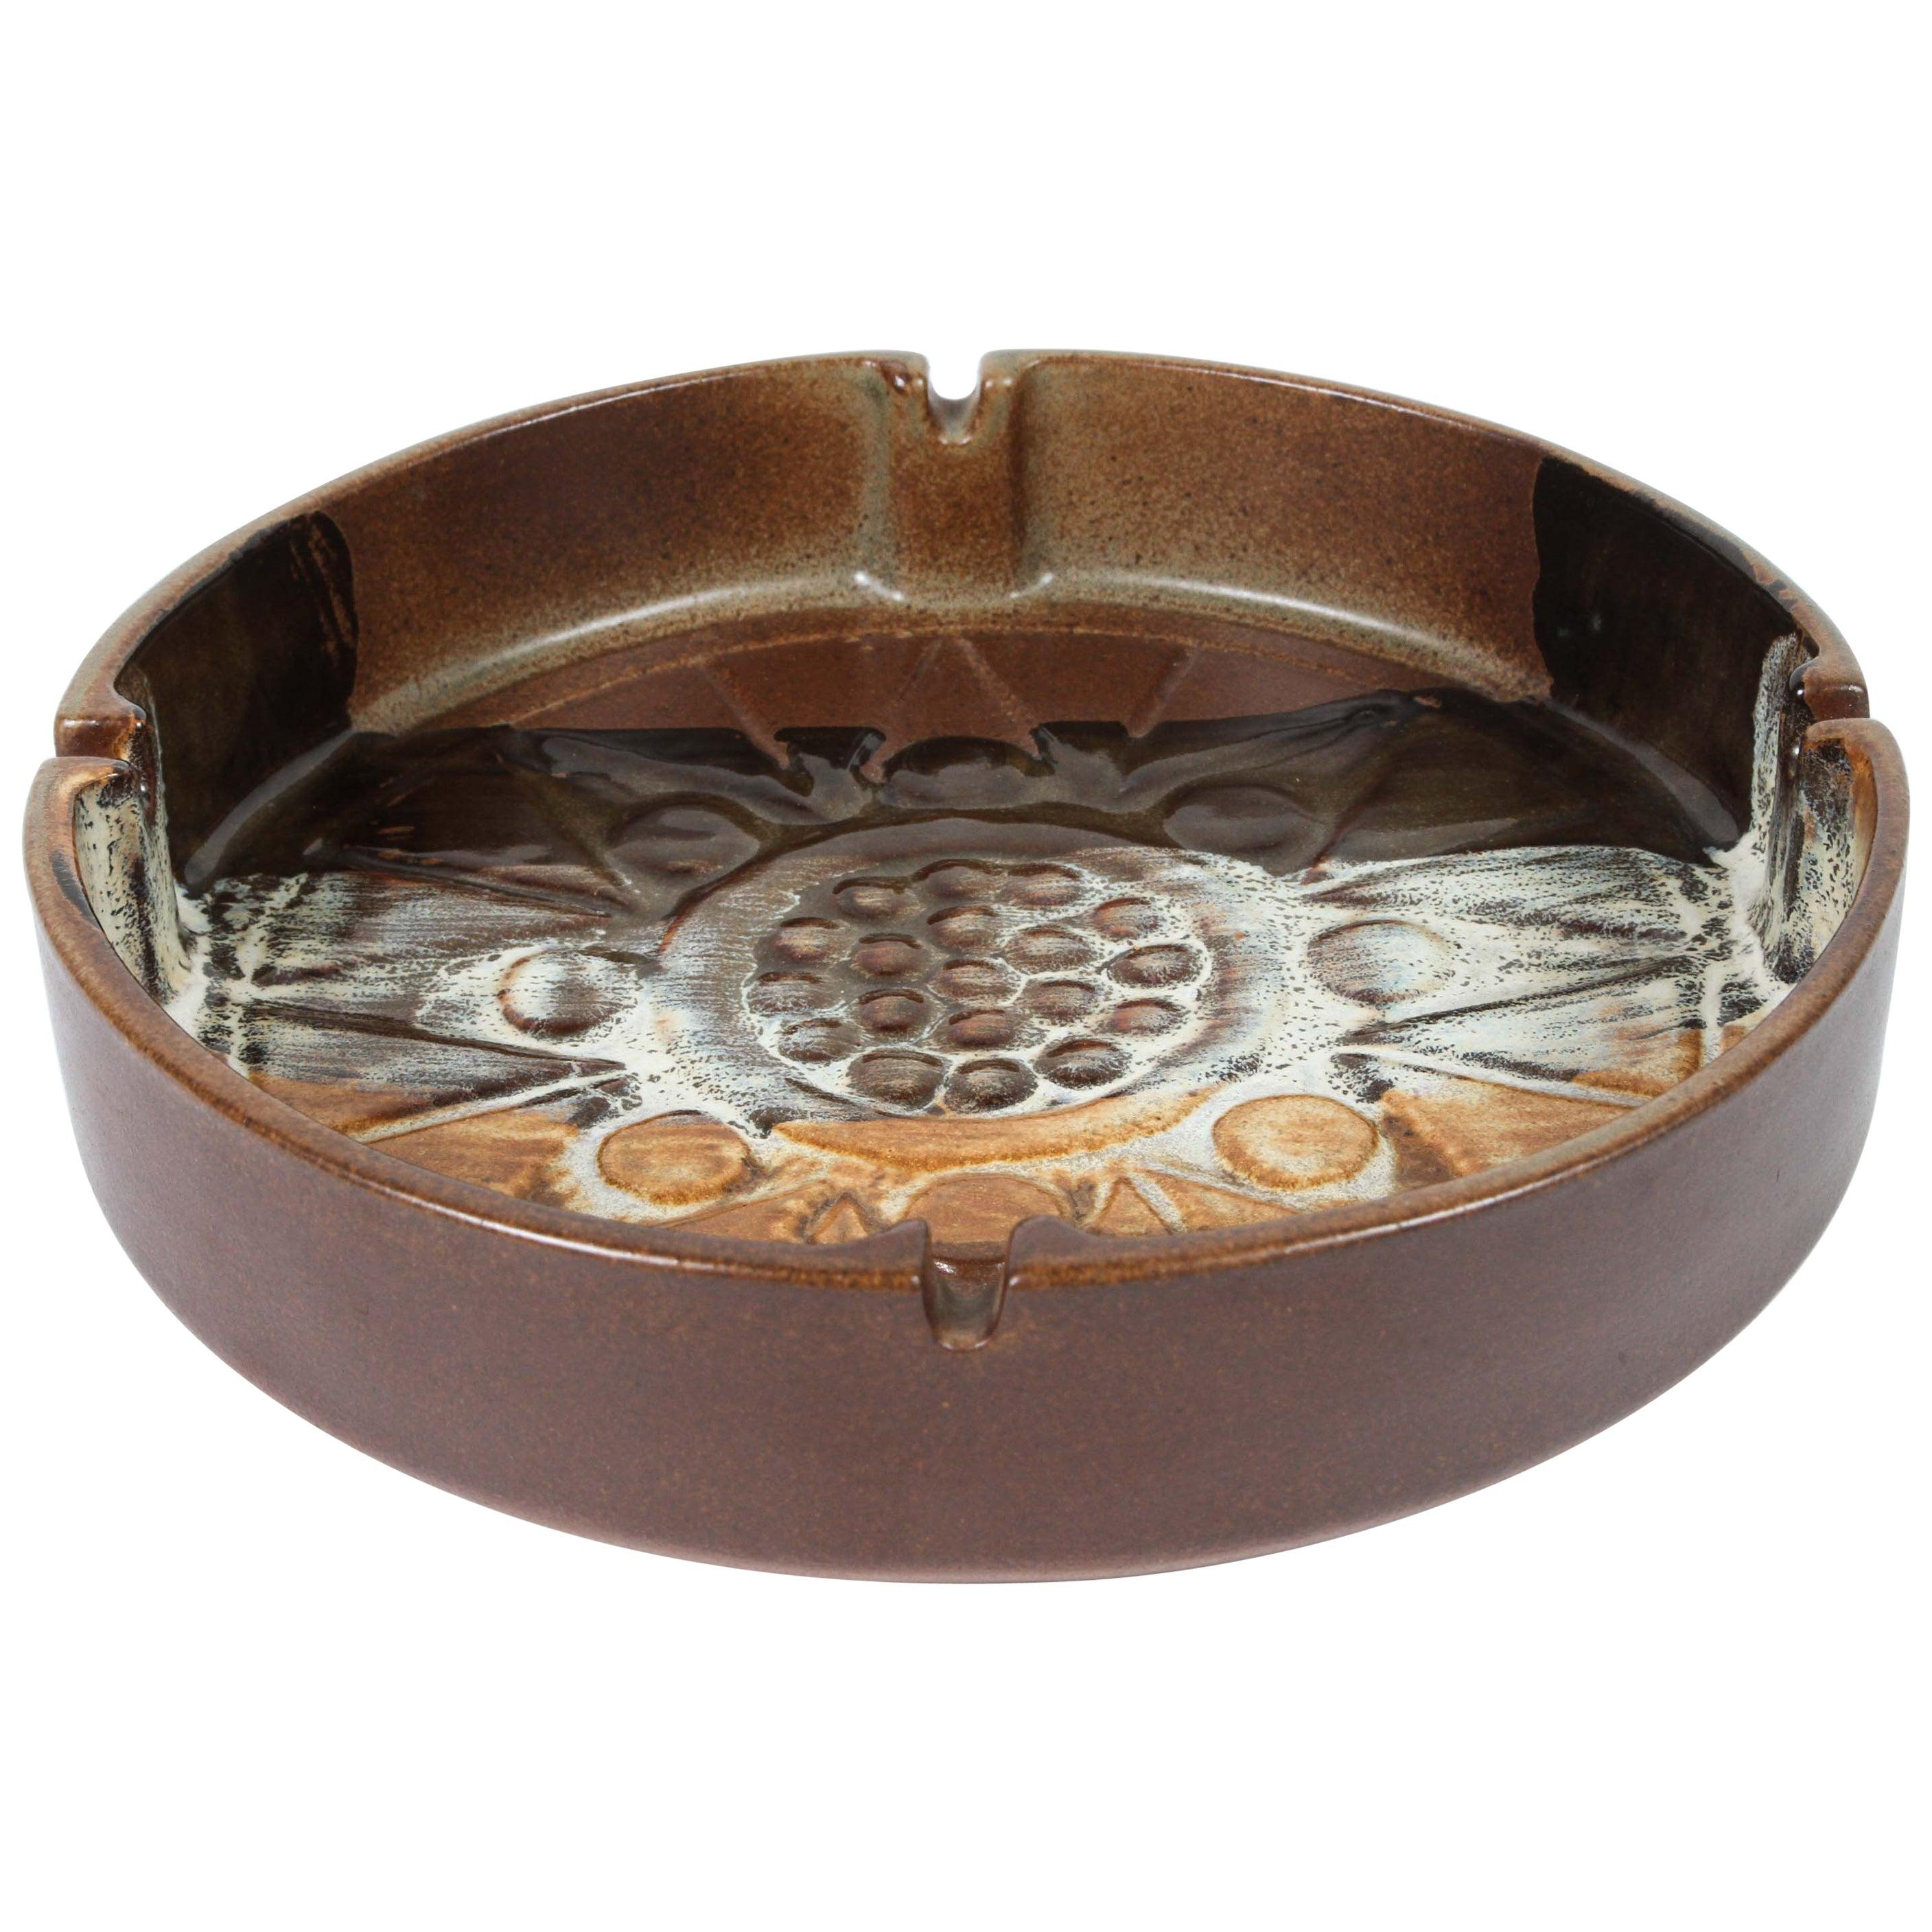 Large Vintage Brown Round Ceramic Bauhaus Style Ashtray